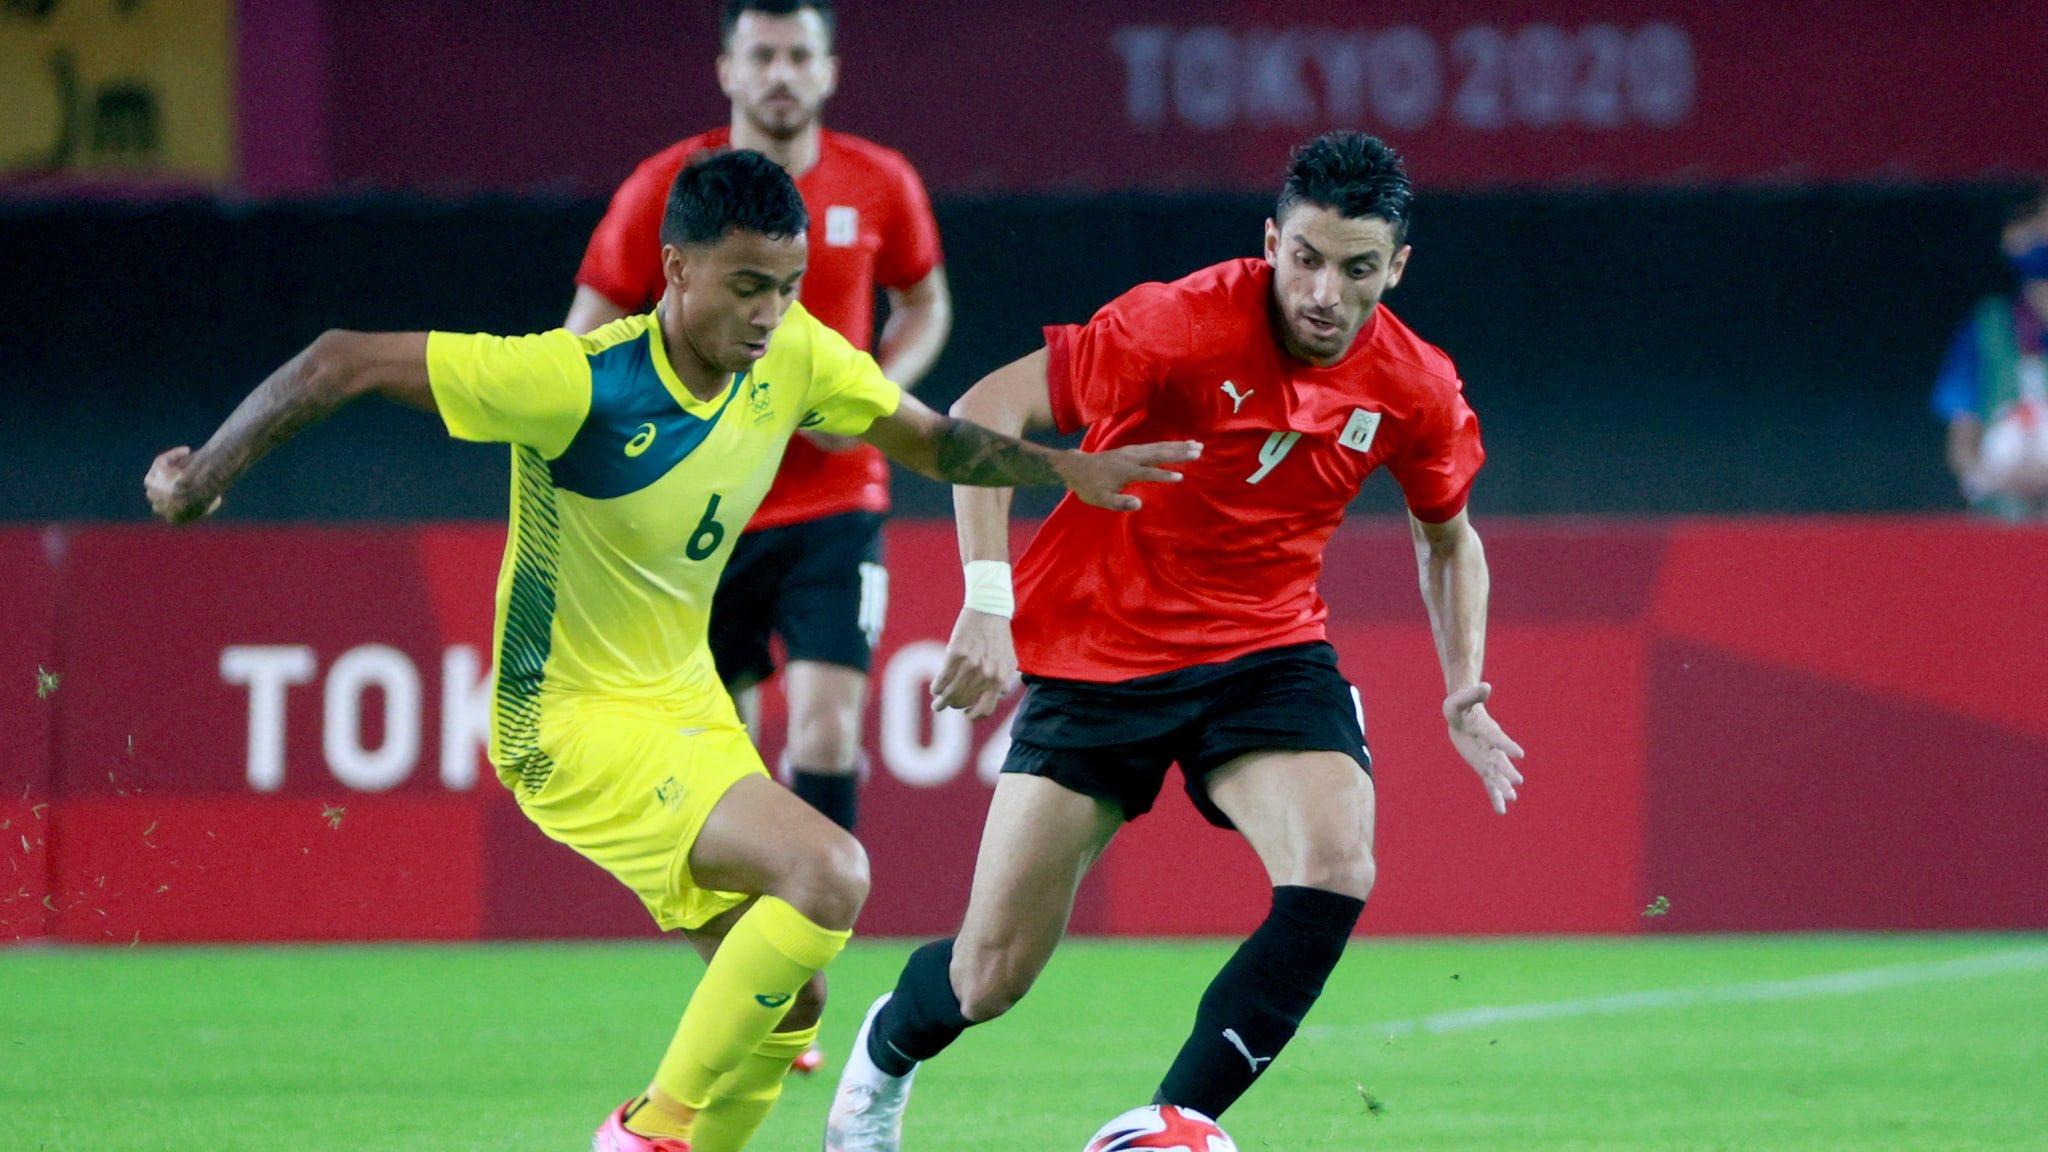 منتخب مصر والتأهل إلى الربع النهائي من أولمبياد طوكيو